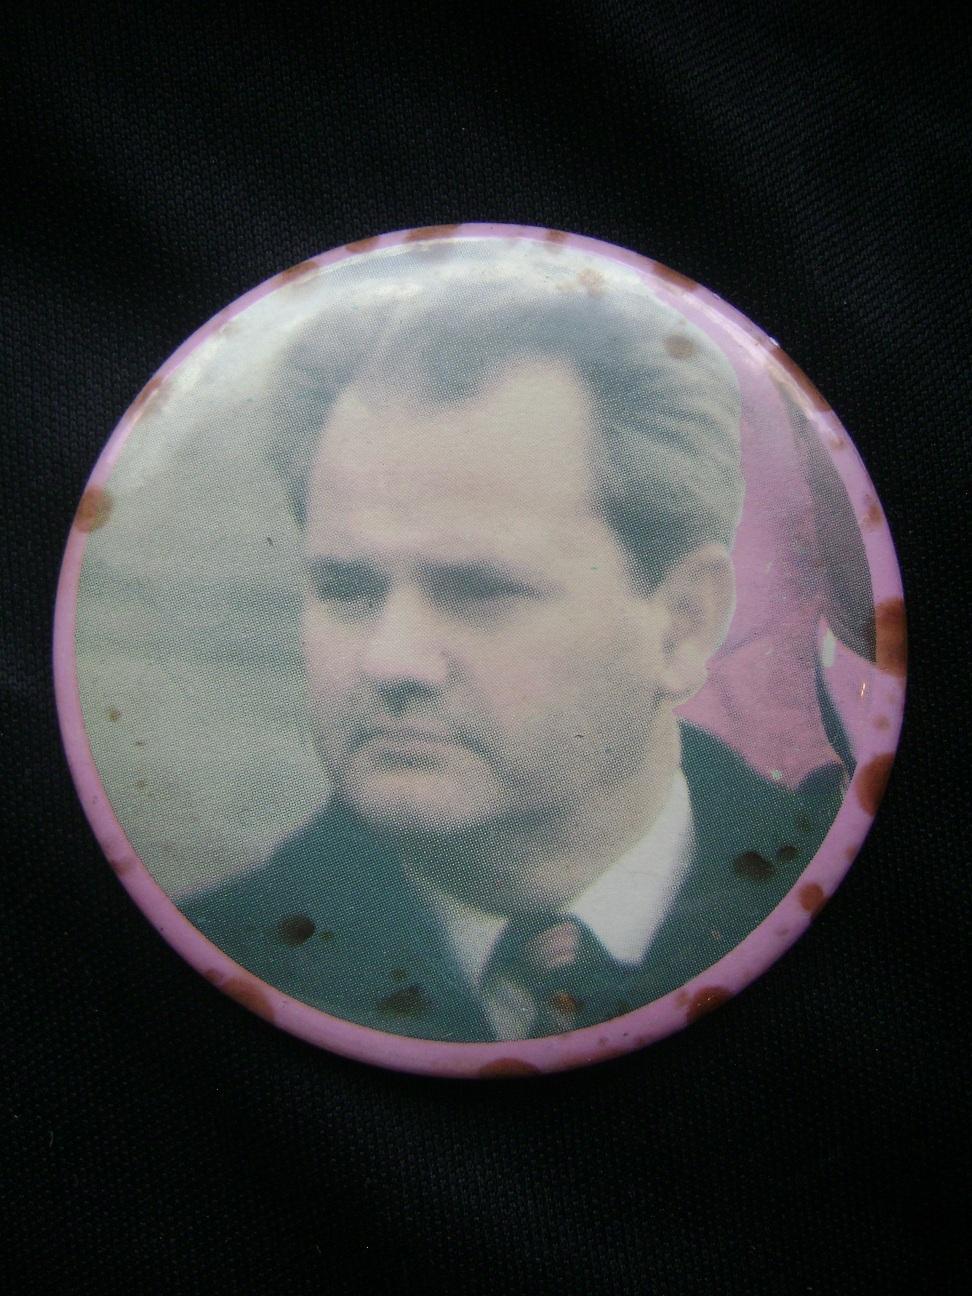 Bedz_Slobodan_Milosevic_1.JPG